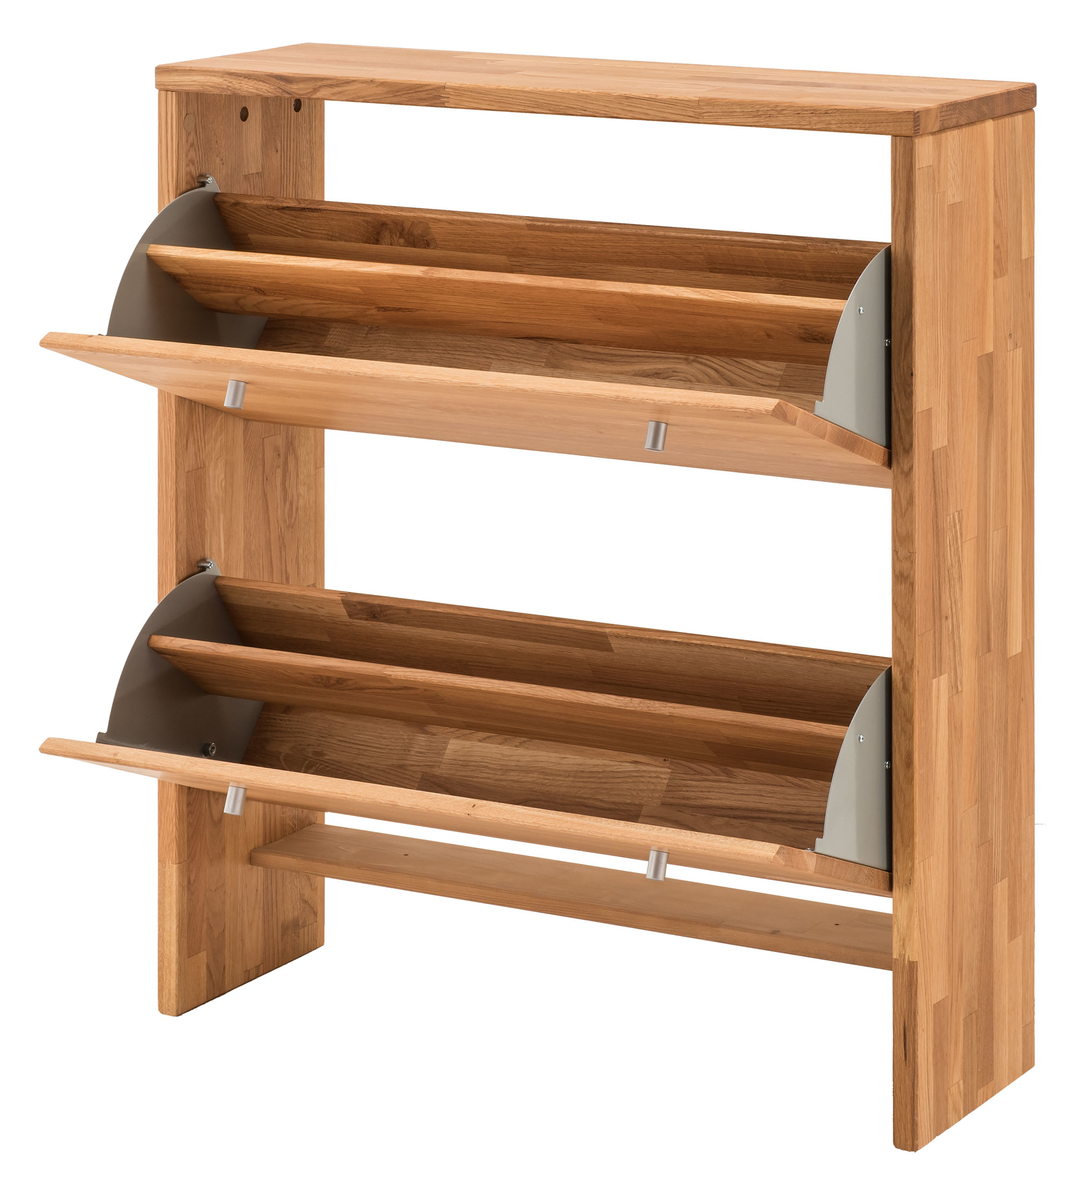 D nischer garderoben schuhschrank wildeiche massivholz for Schuhschrank massivholz